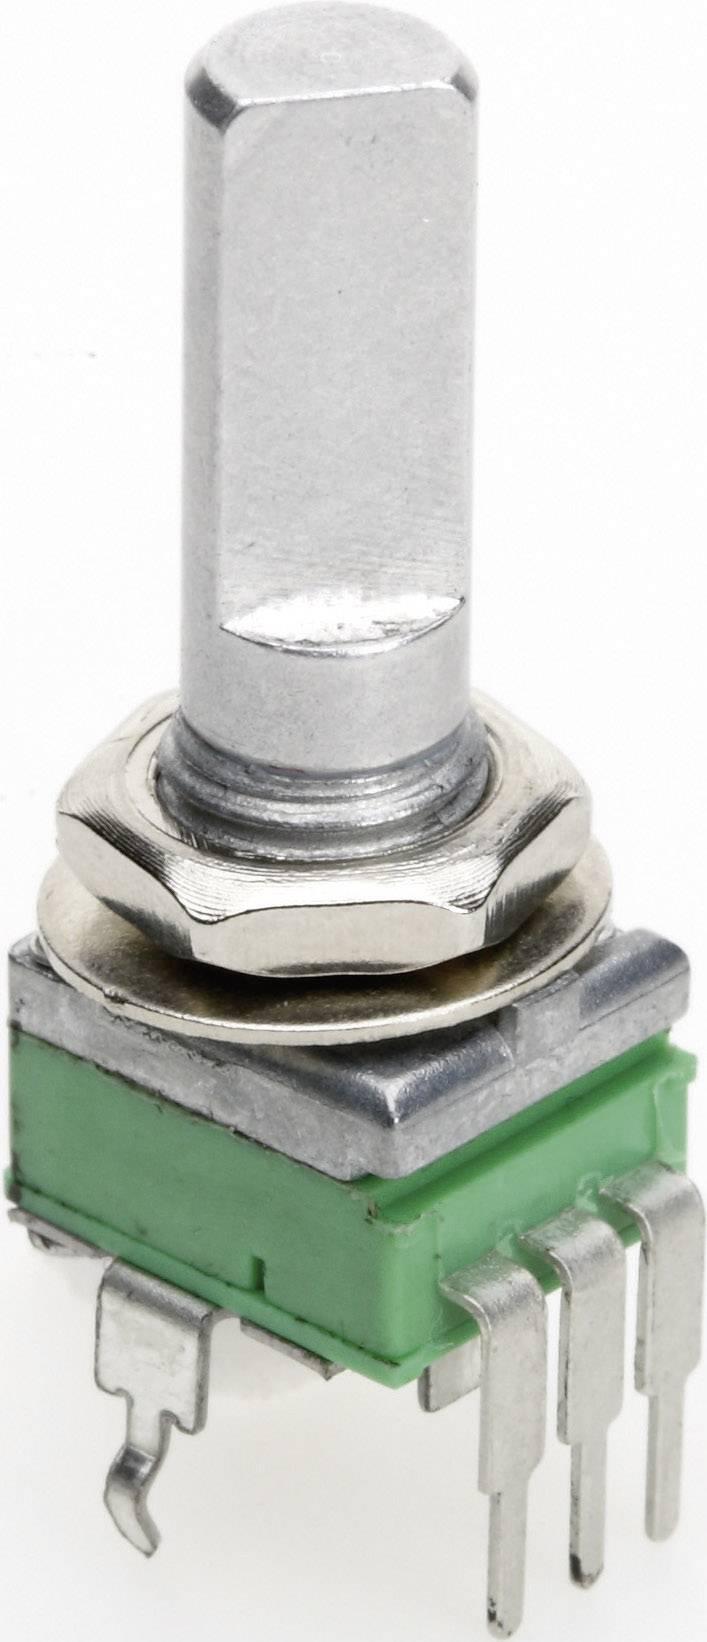 Vodivý plastový potenciometer mono TT Electronics AB P0915N-FC20 B-5 KR 4113102900, 5 kOhm, 1 ks